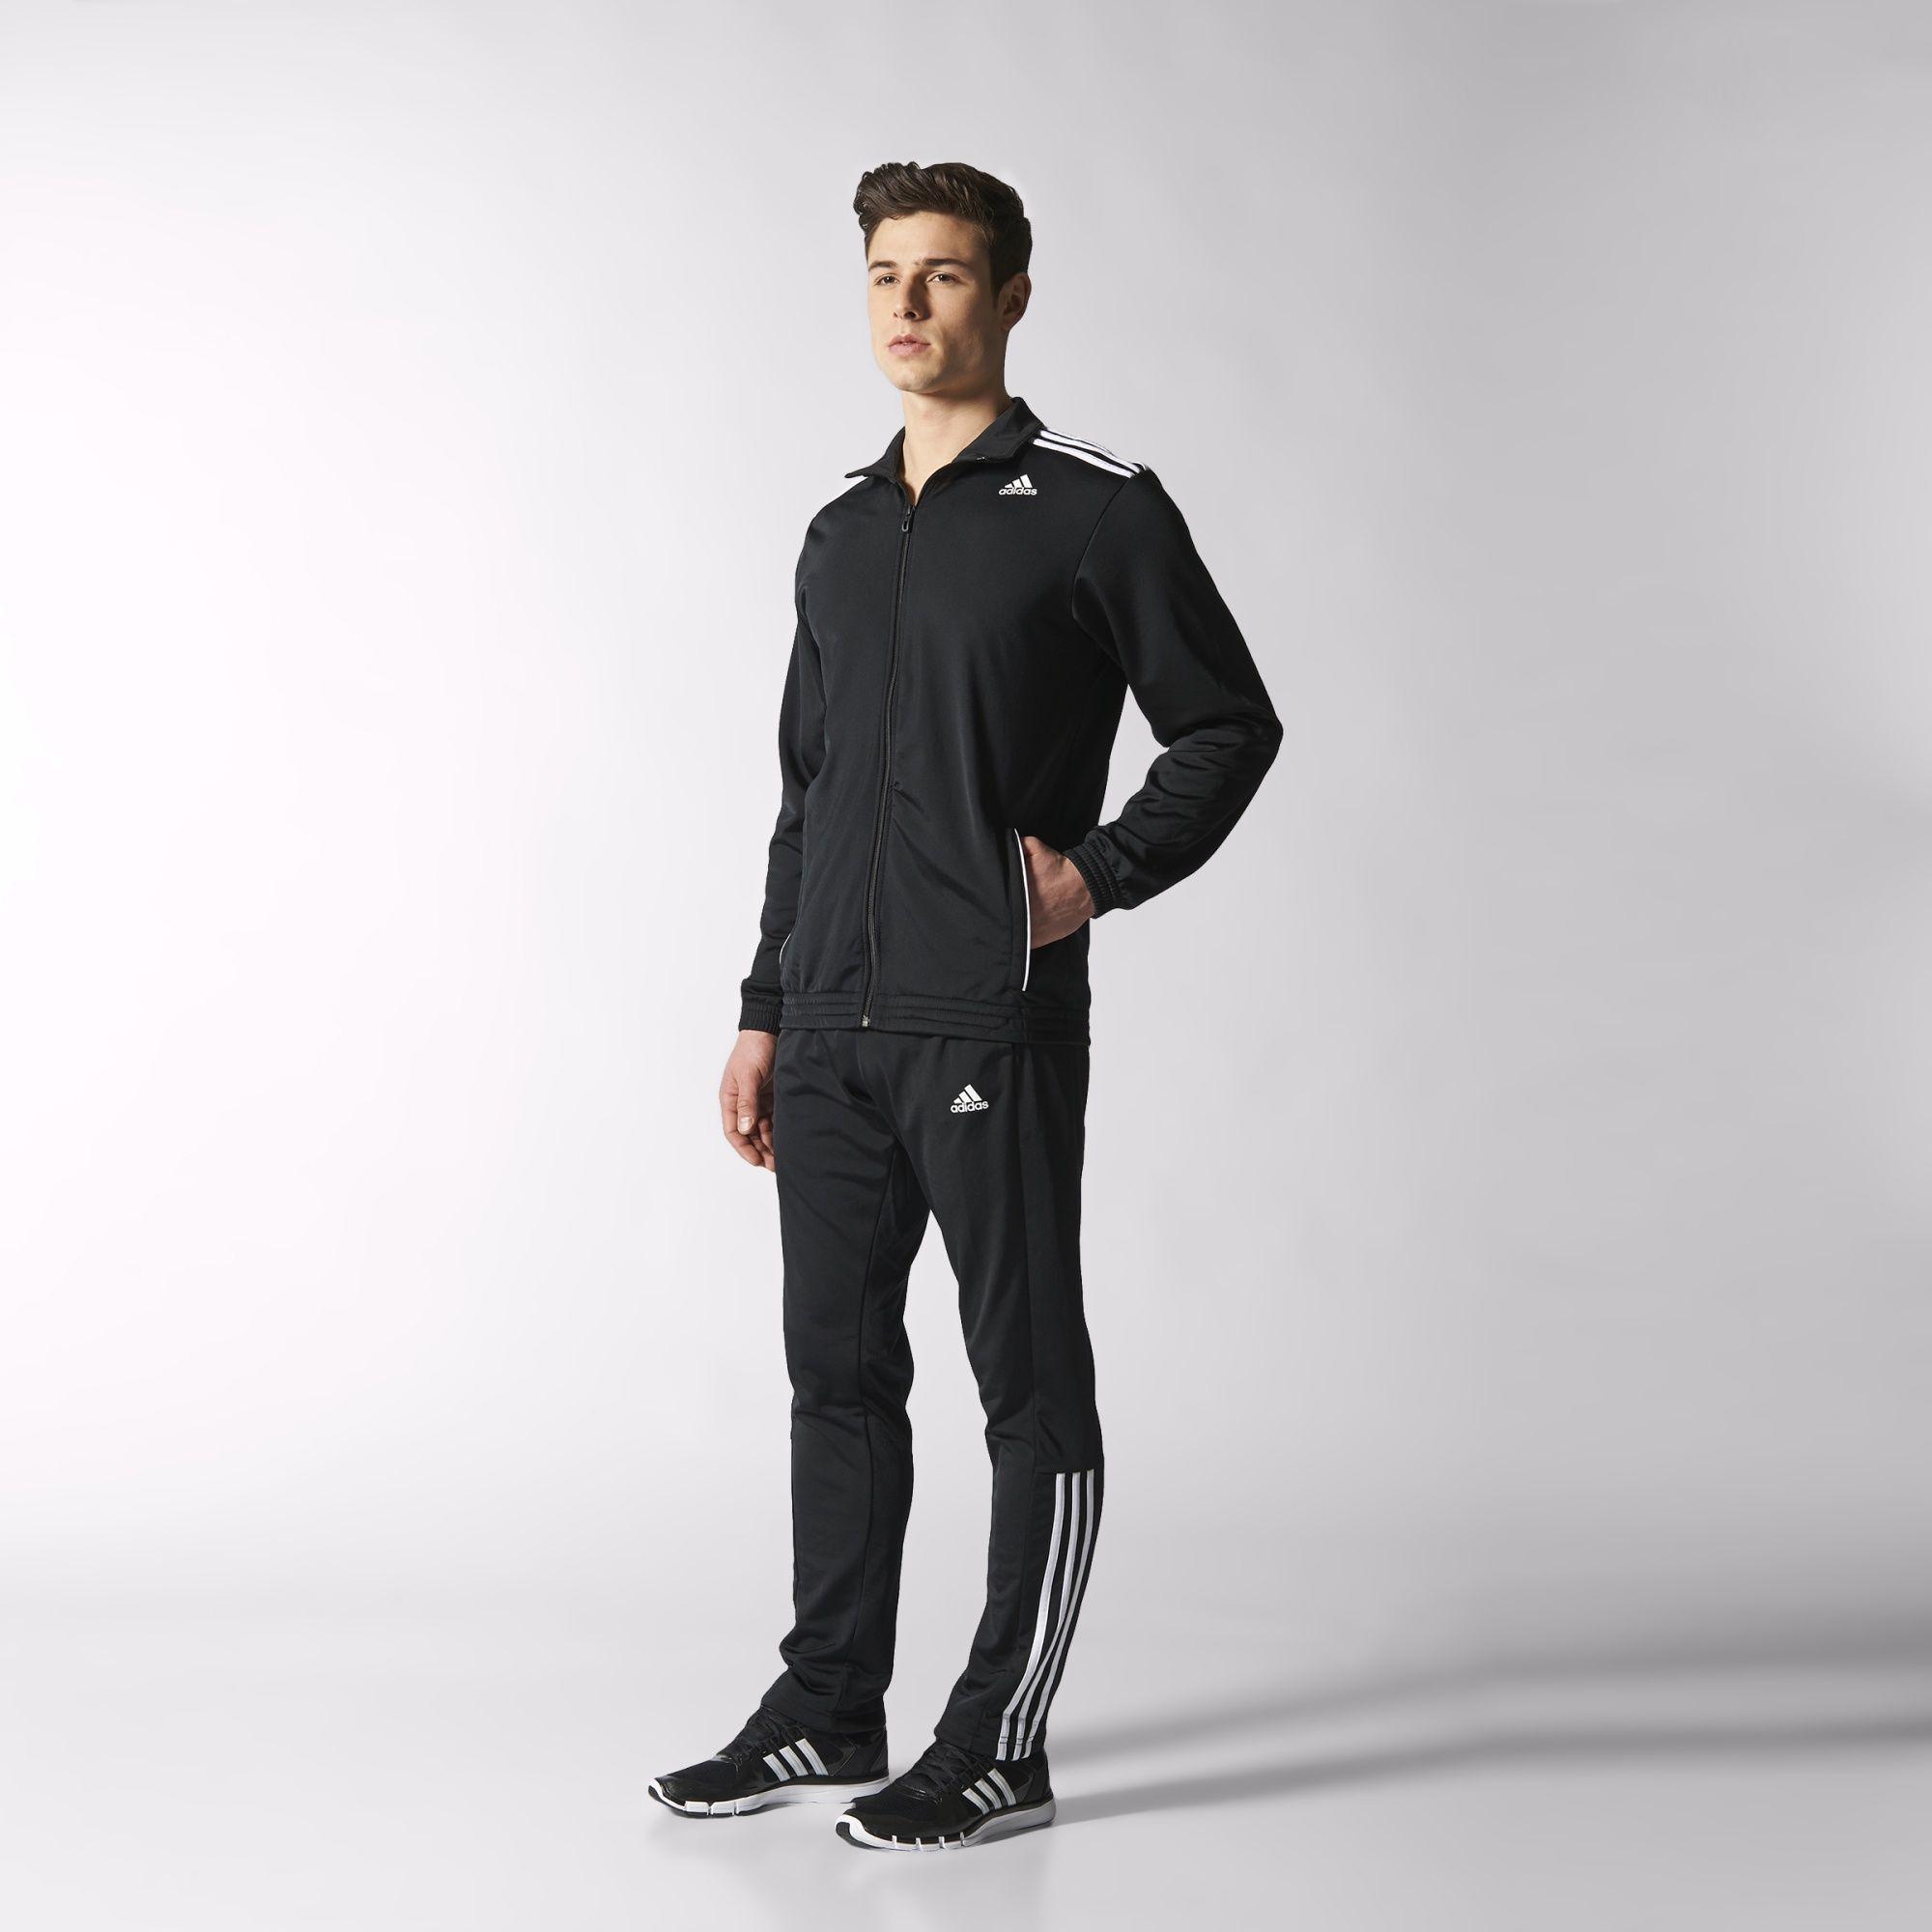 Под этим лейблом выпускается огромный ассортимент всевозможных моделей  одежды в спортивном стиле. Наиболее широким спросом пользуются костюмы от  Adidas. d563c010464